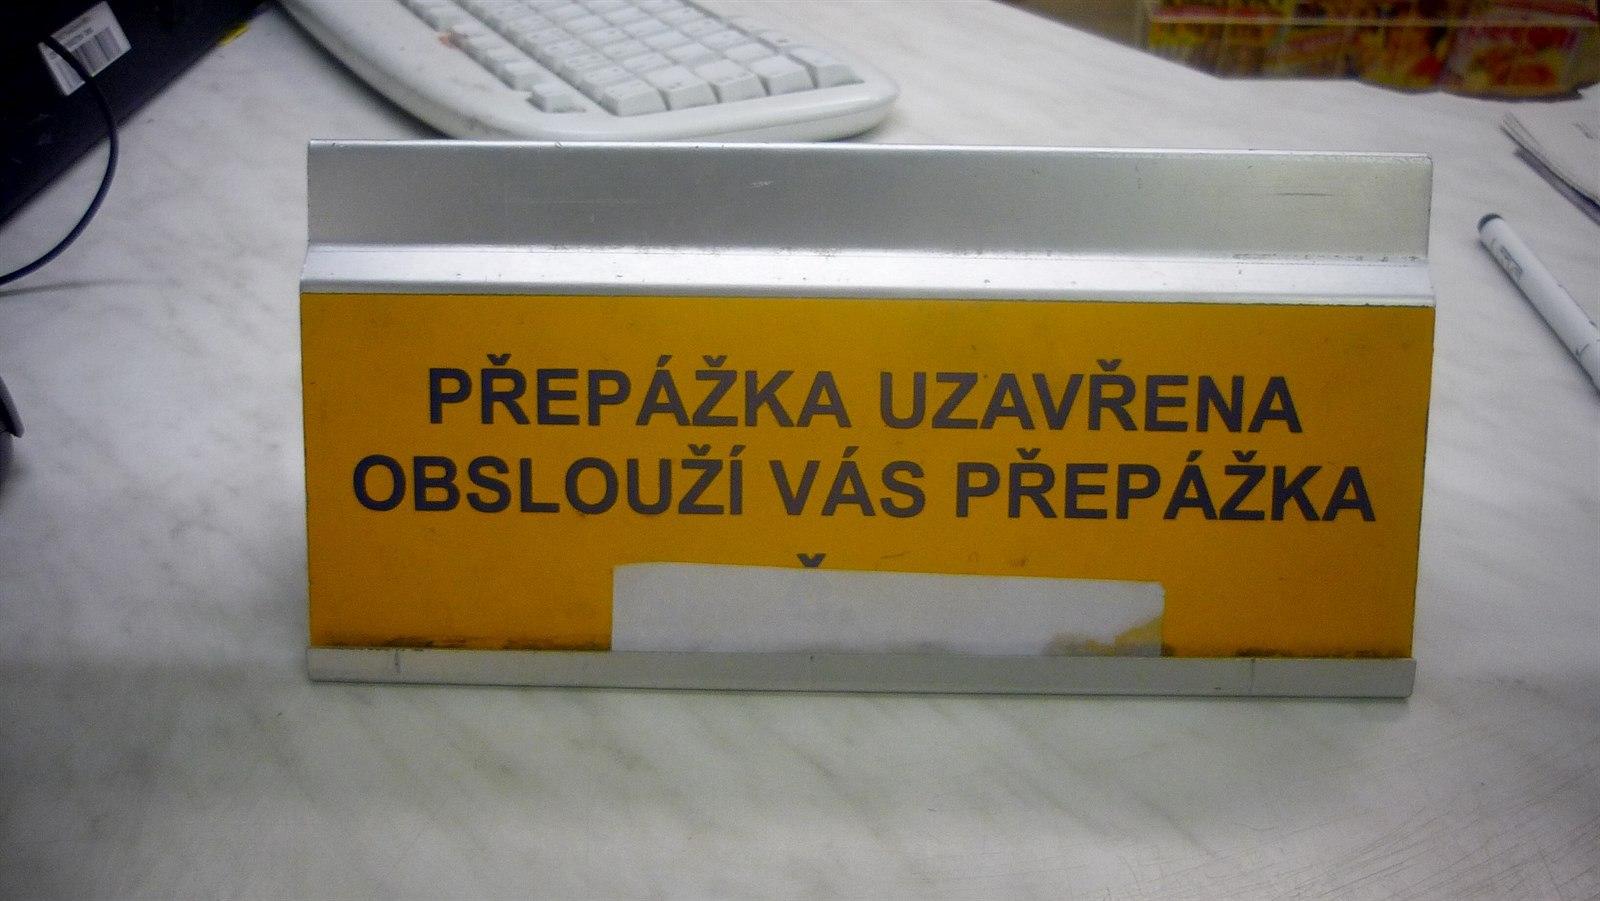 Pøepážka zavøena, obsloužíme vás u pøepážky. Na poštì v Plzeòské ulici.;990Tomas@seznam.cz kuriozita pøepážka pošta (01.01.2016)